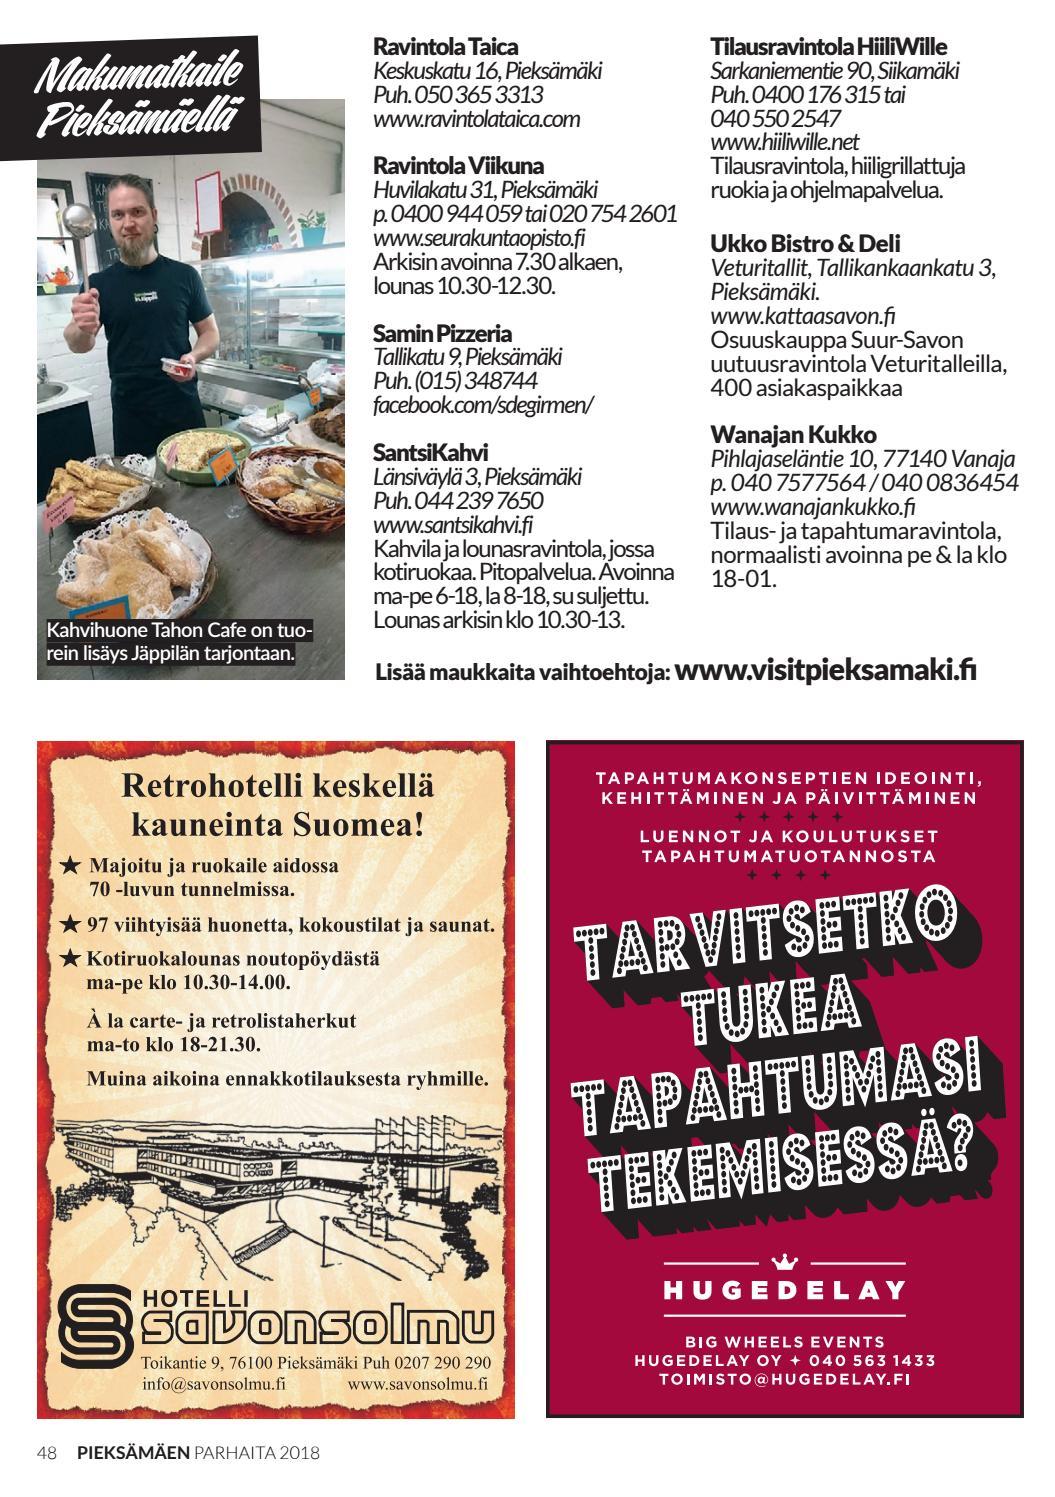 Samin Pizzeria Pieksämäki